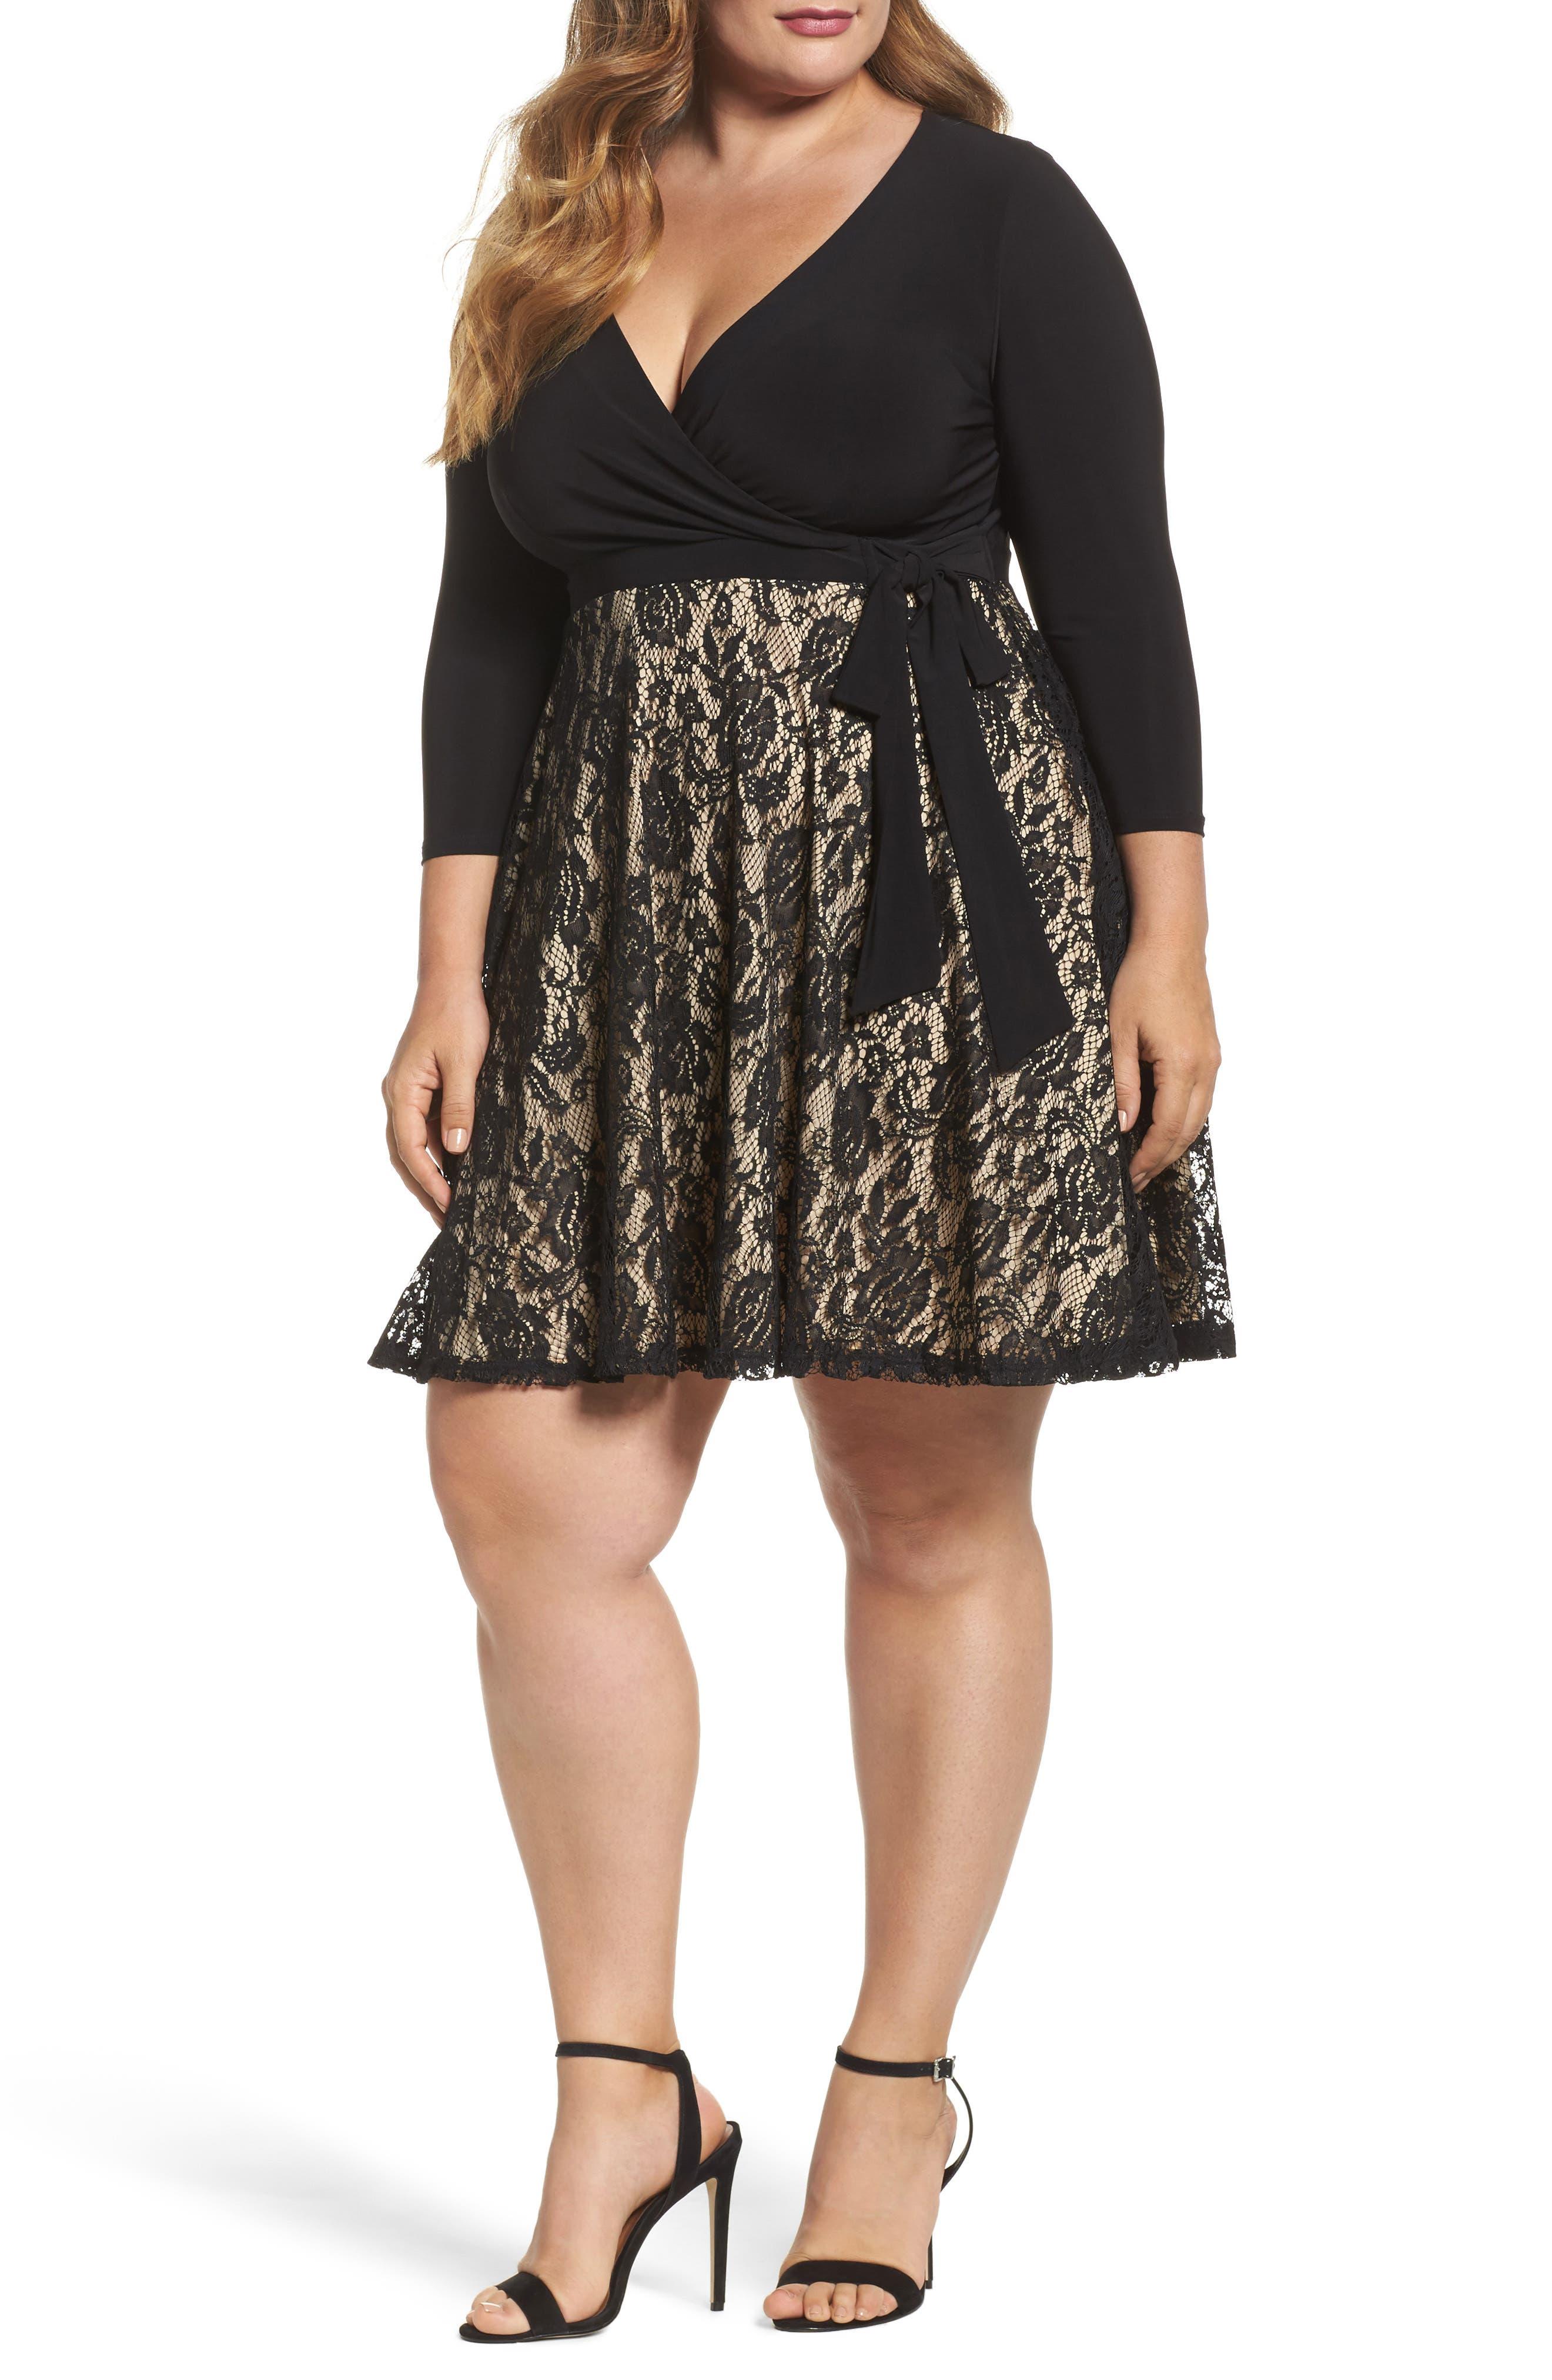 Soprano Lace Skirt Skater Dress